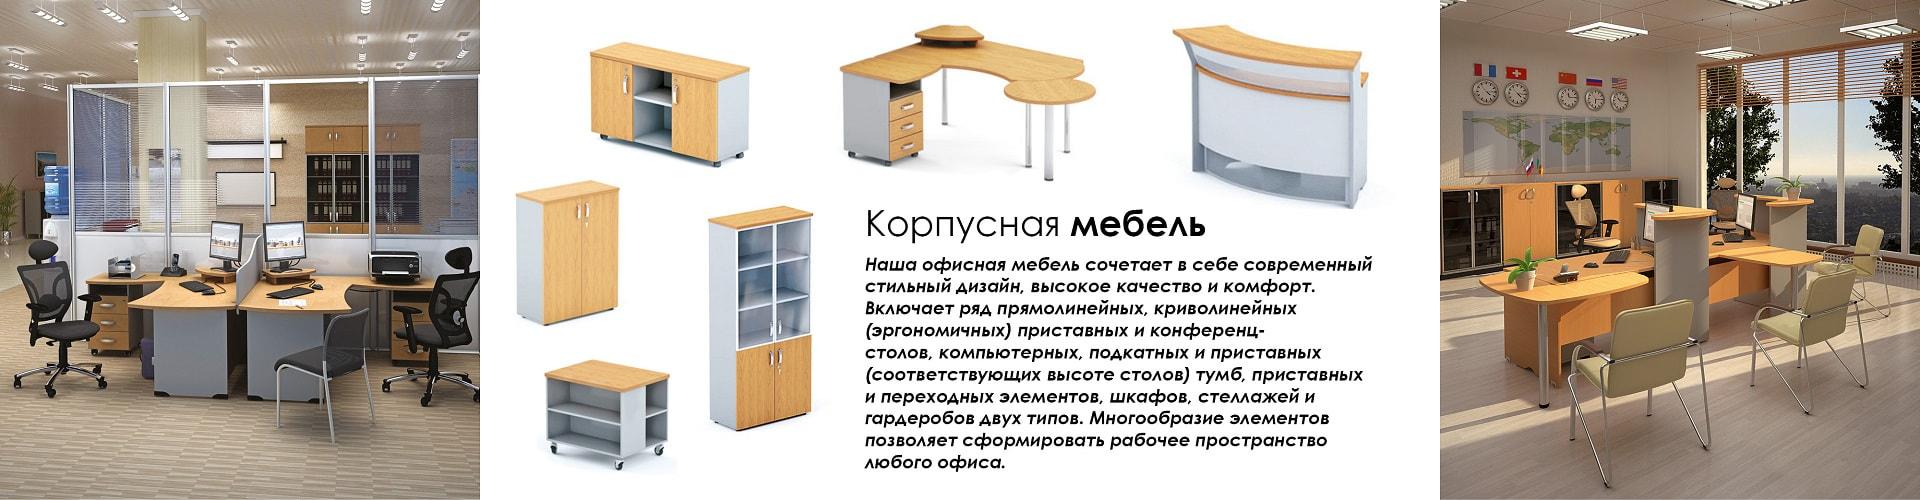 Корпусная офисная мебель БЕЛС в Бресте, Минске, РБ баннер главная